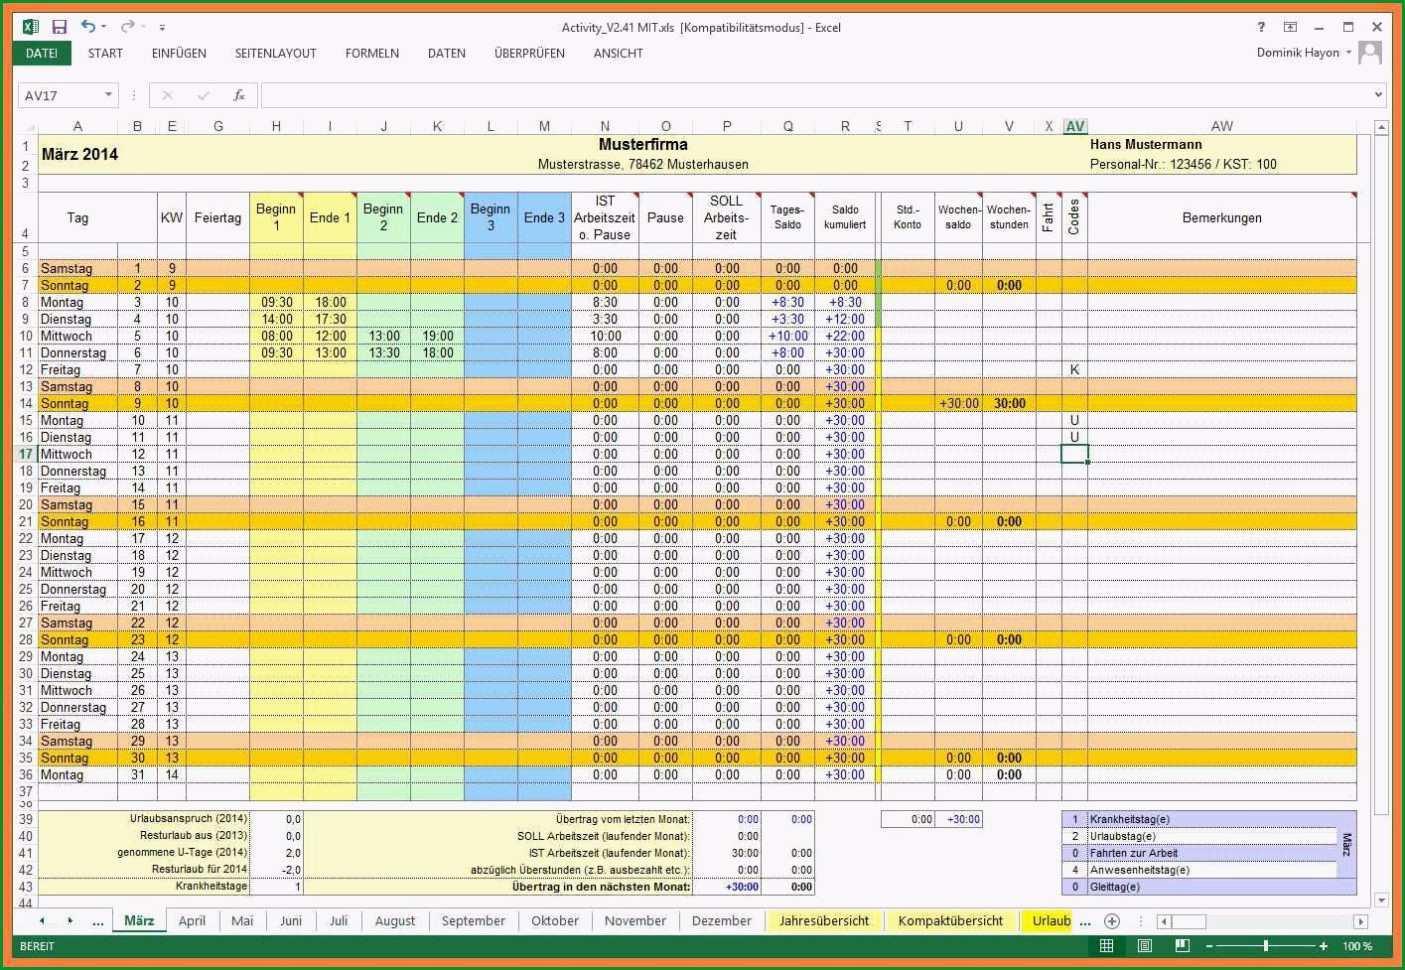 schichtplan excel vorlage kostenlos schon tolle schichtplan vorlage innerhalb excel schichtplan